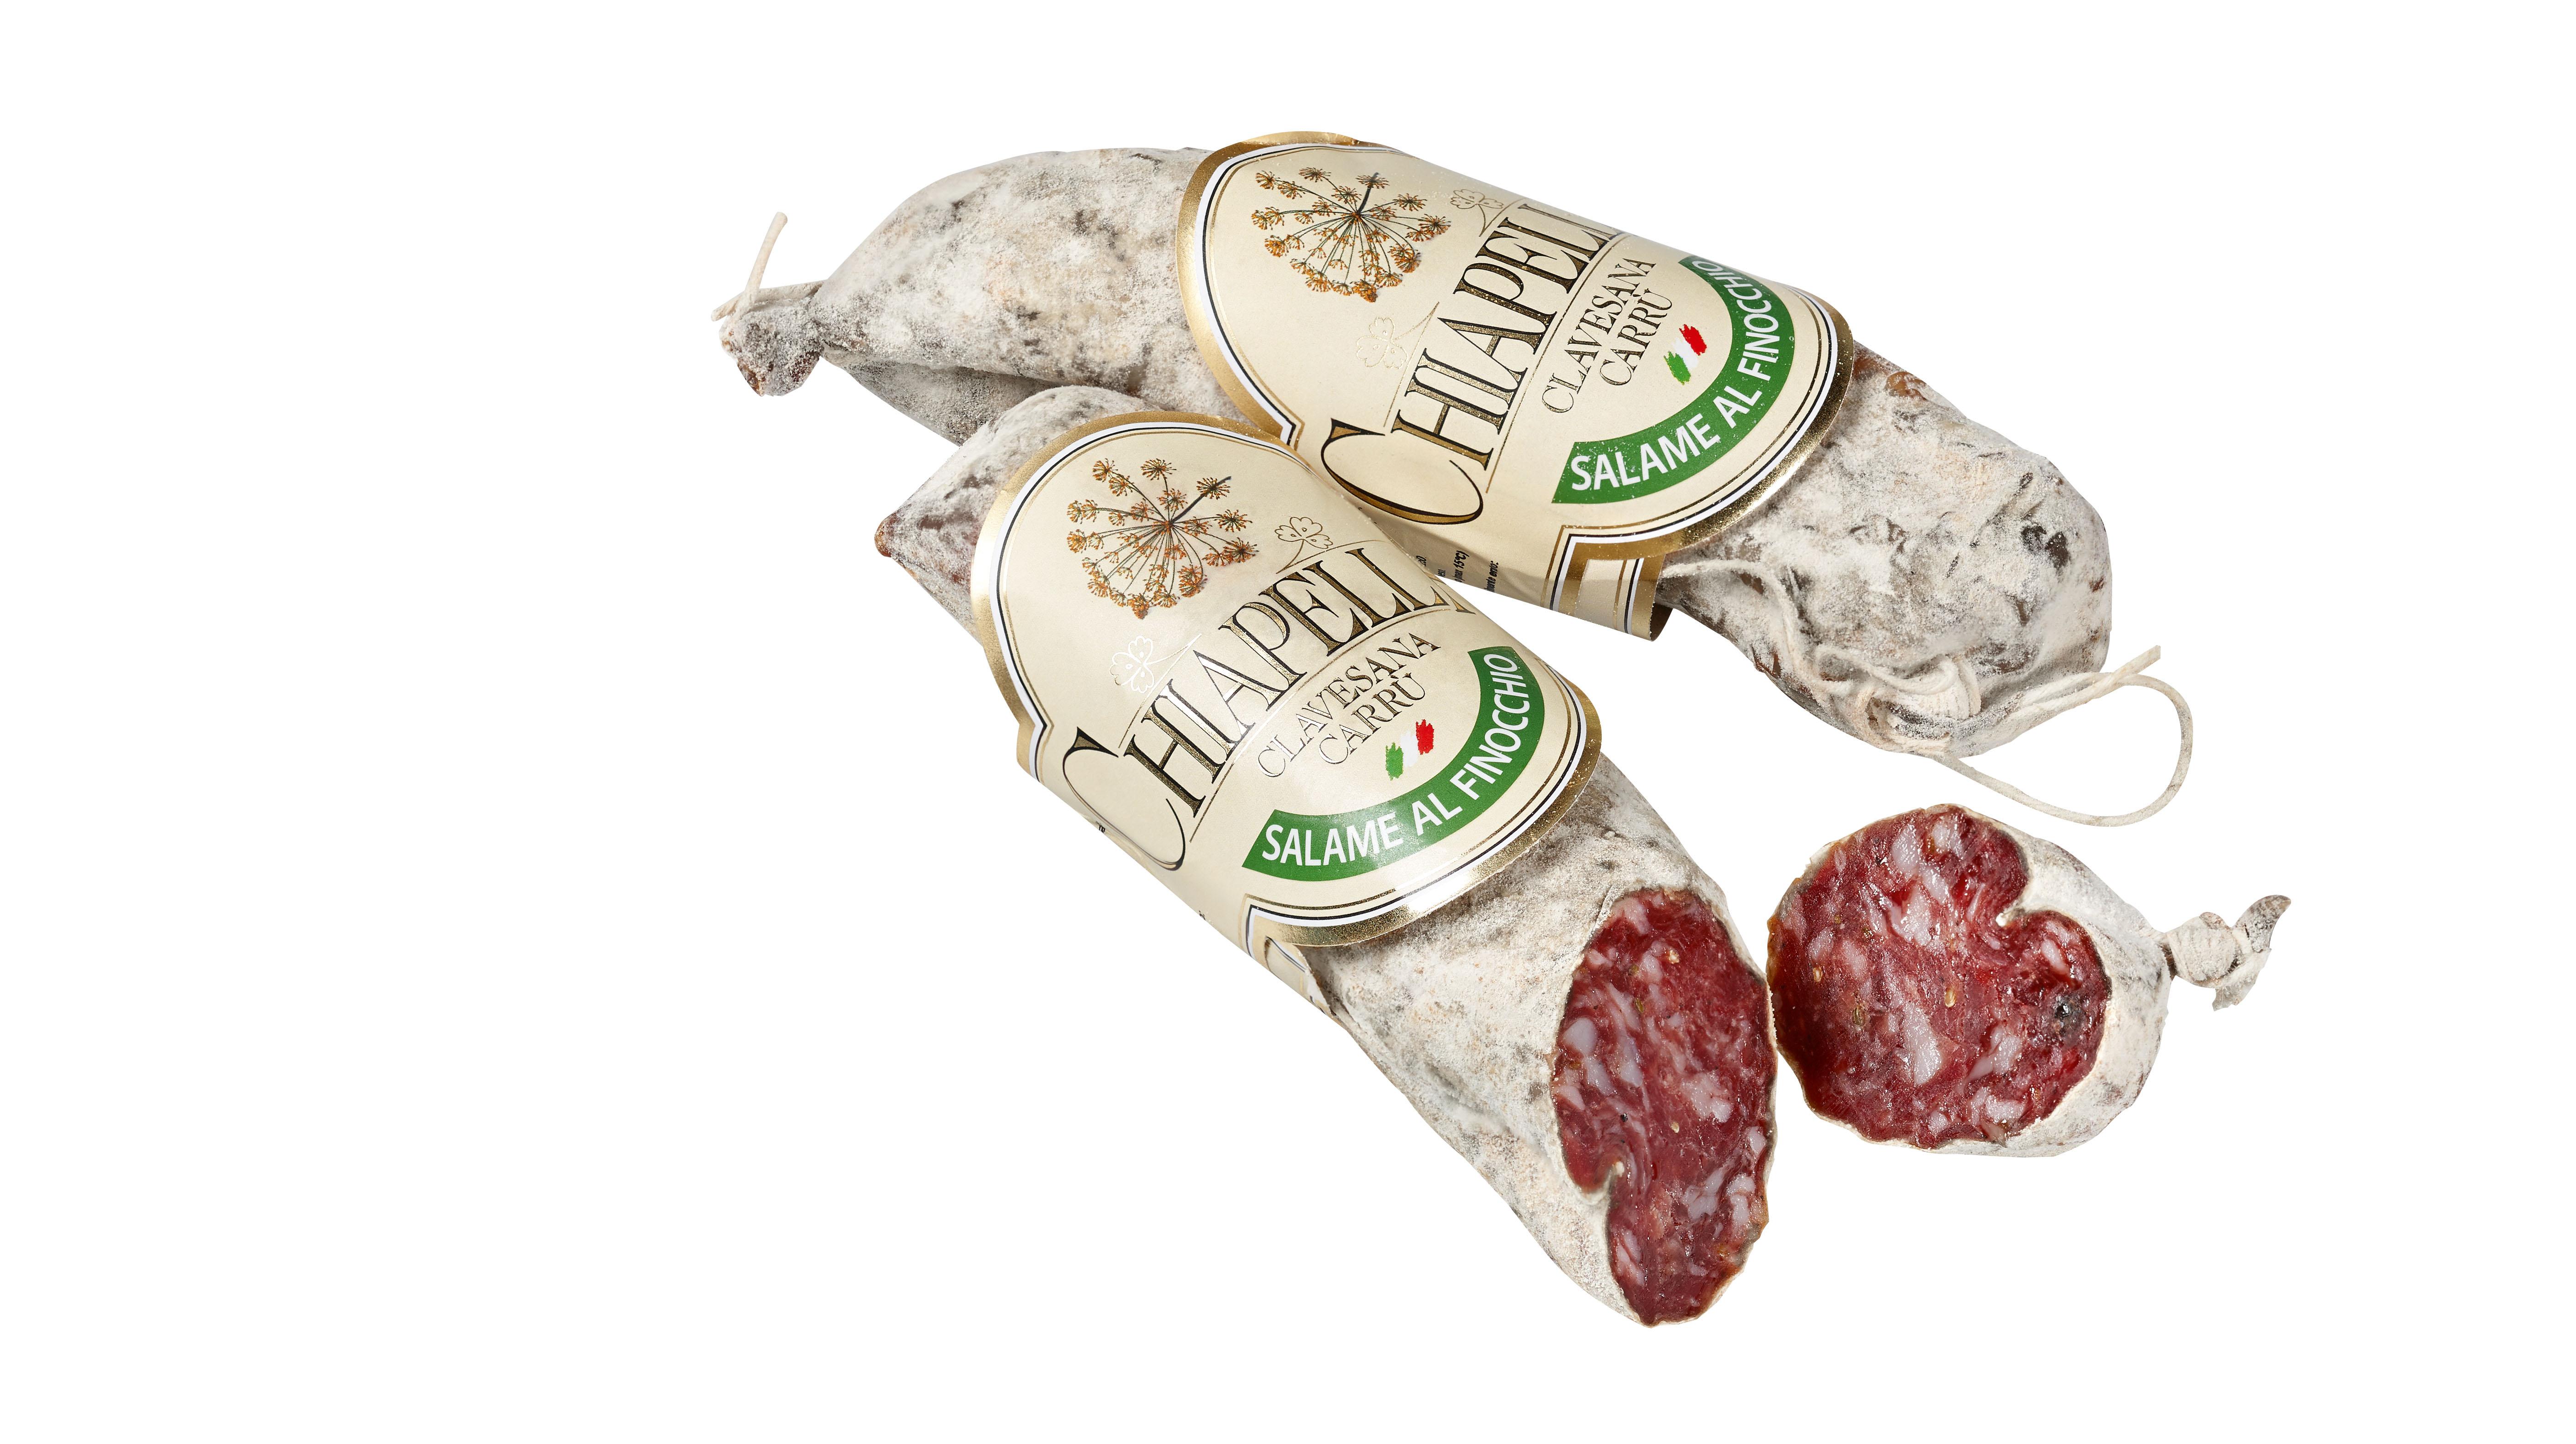 Salame con finocchio  ca. 200 g Chiapella  ( Kühlartikel)